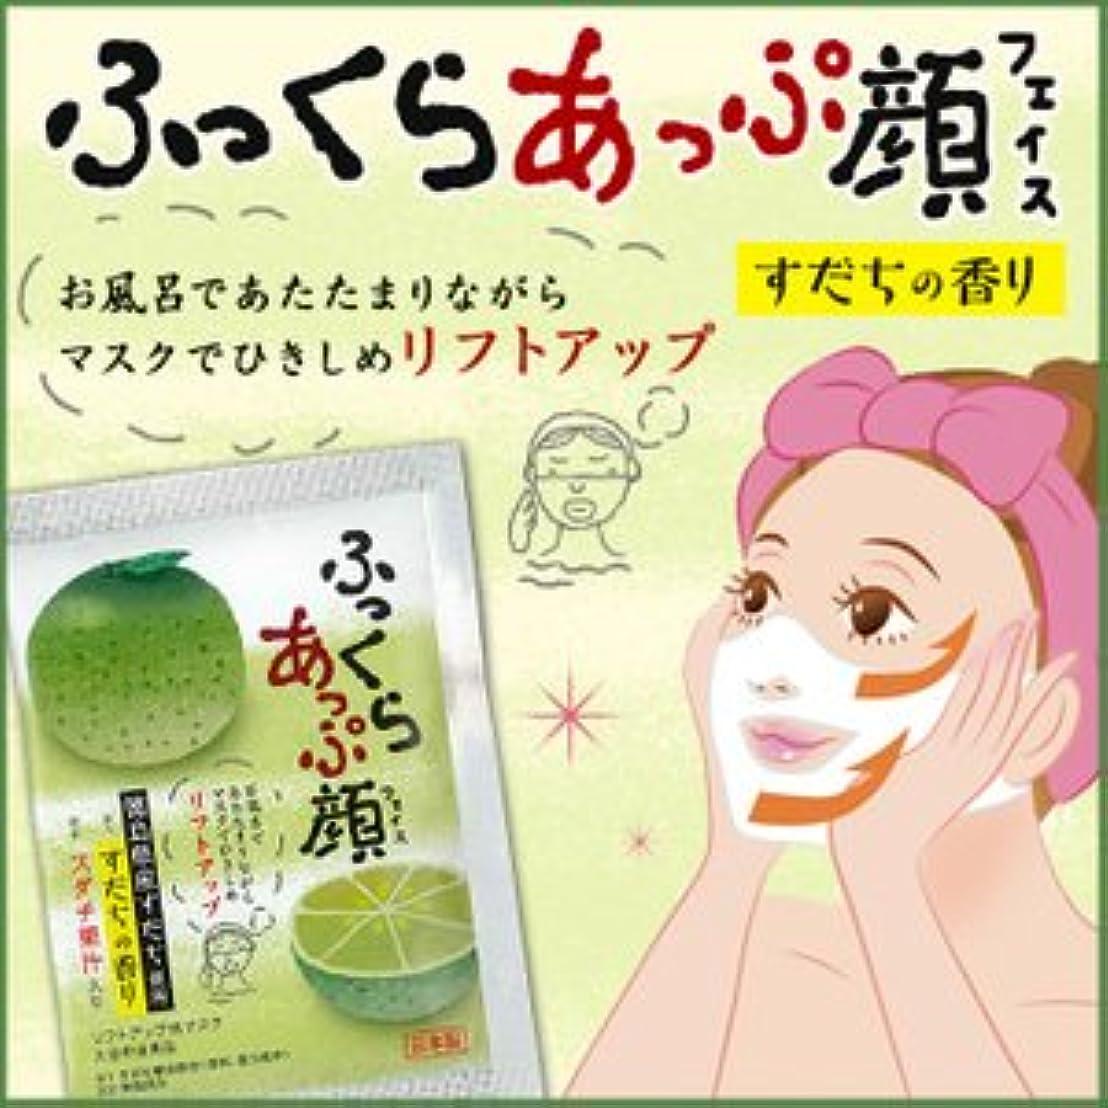 おとこ悪いオーブンリフトアップ フェイスマスク すだちの香り(20ml×1×7枚)